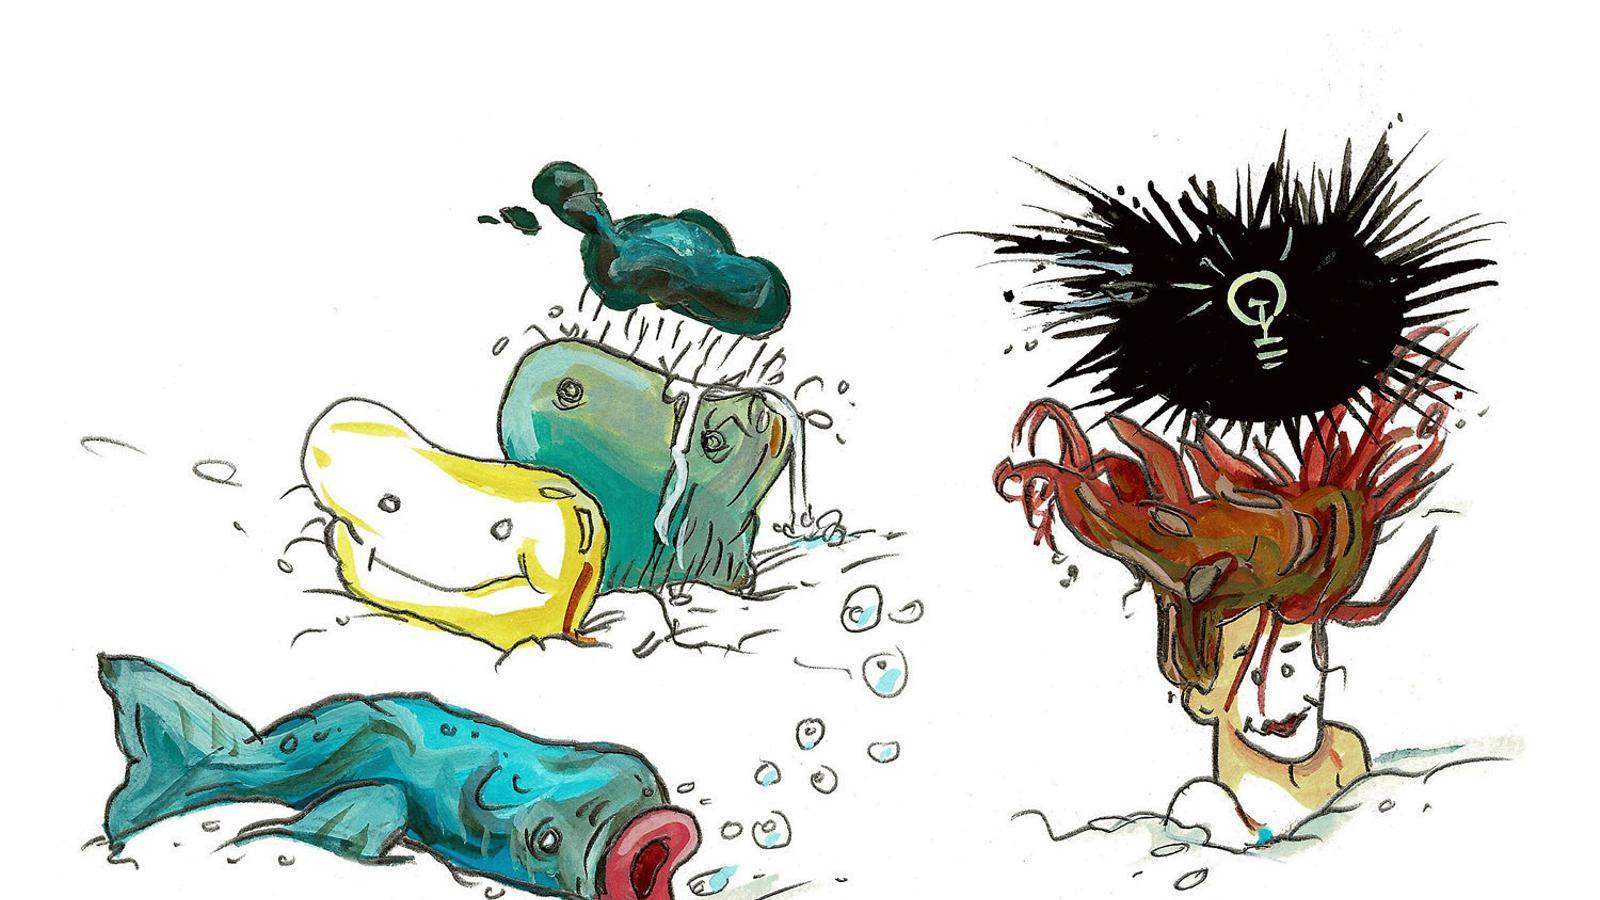 Neix 'Gràfica radiant', l'aposta  de l'ARA pel còmic d'avantguarda